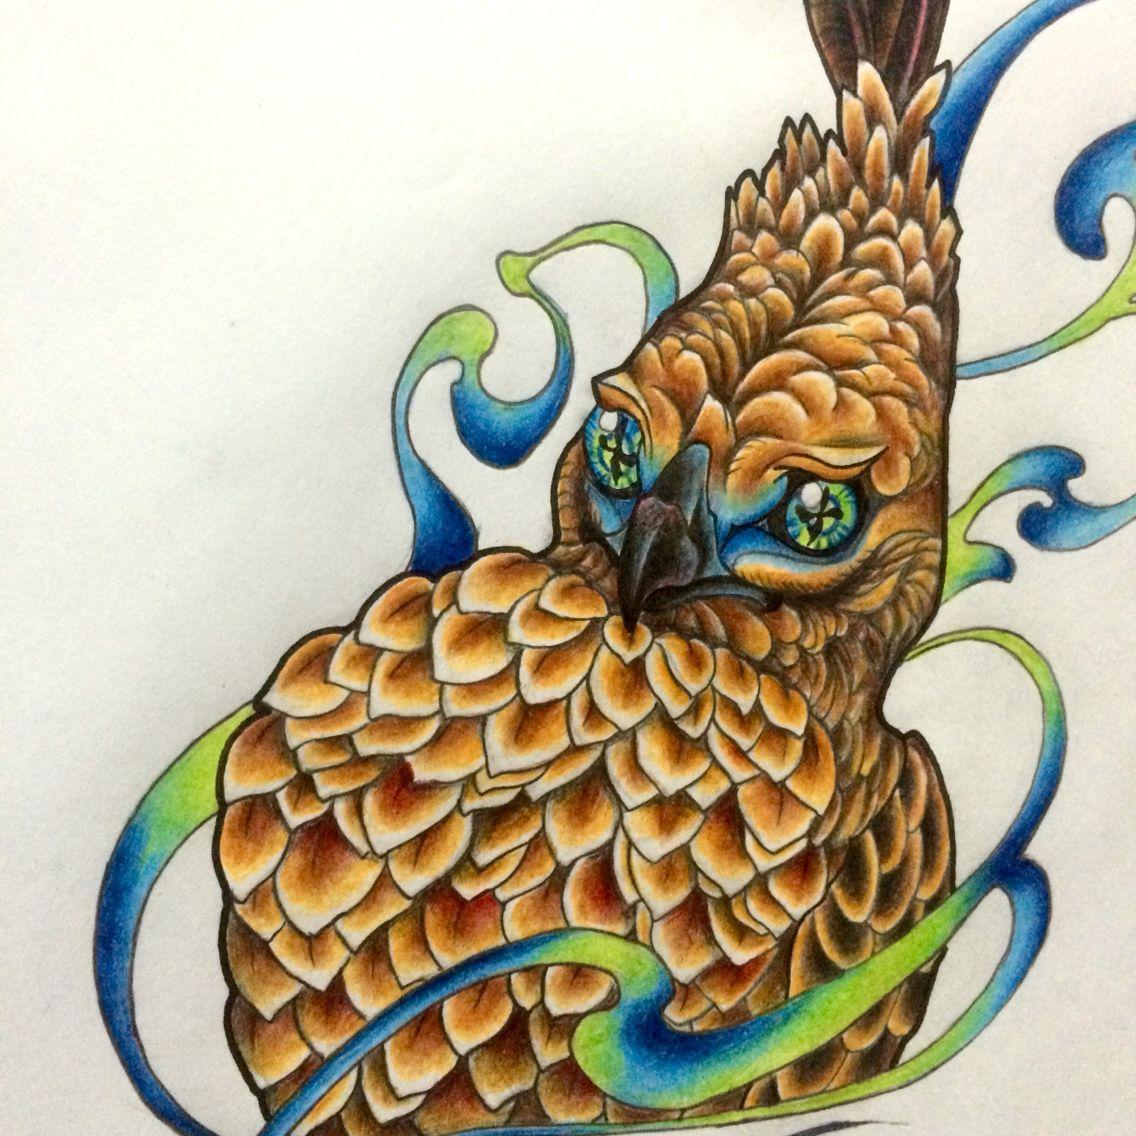 Who?N #WhoEn #CheonSeonghun #tattooistWhoEn #타투이스트후엔 Javan hawk eagle #newschool #newschooltattoo #tattoo #tattoos #tattoodesign #tattooflash #ink #inked #tattooist #tattoosketch #sketch #drawing #artist #tattooistartmag #tattoomagazine #타투 #드로잉 #스케치 #타투도안 #뉴스쿨타투 #뉴스쿨